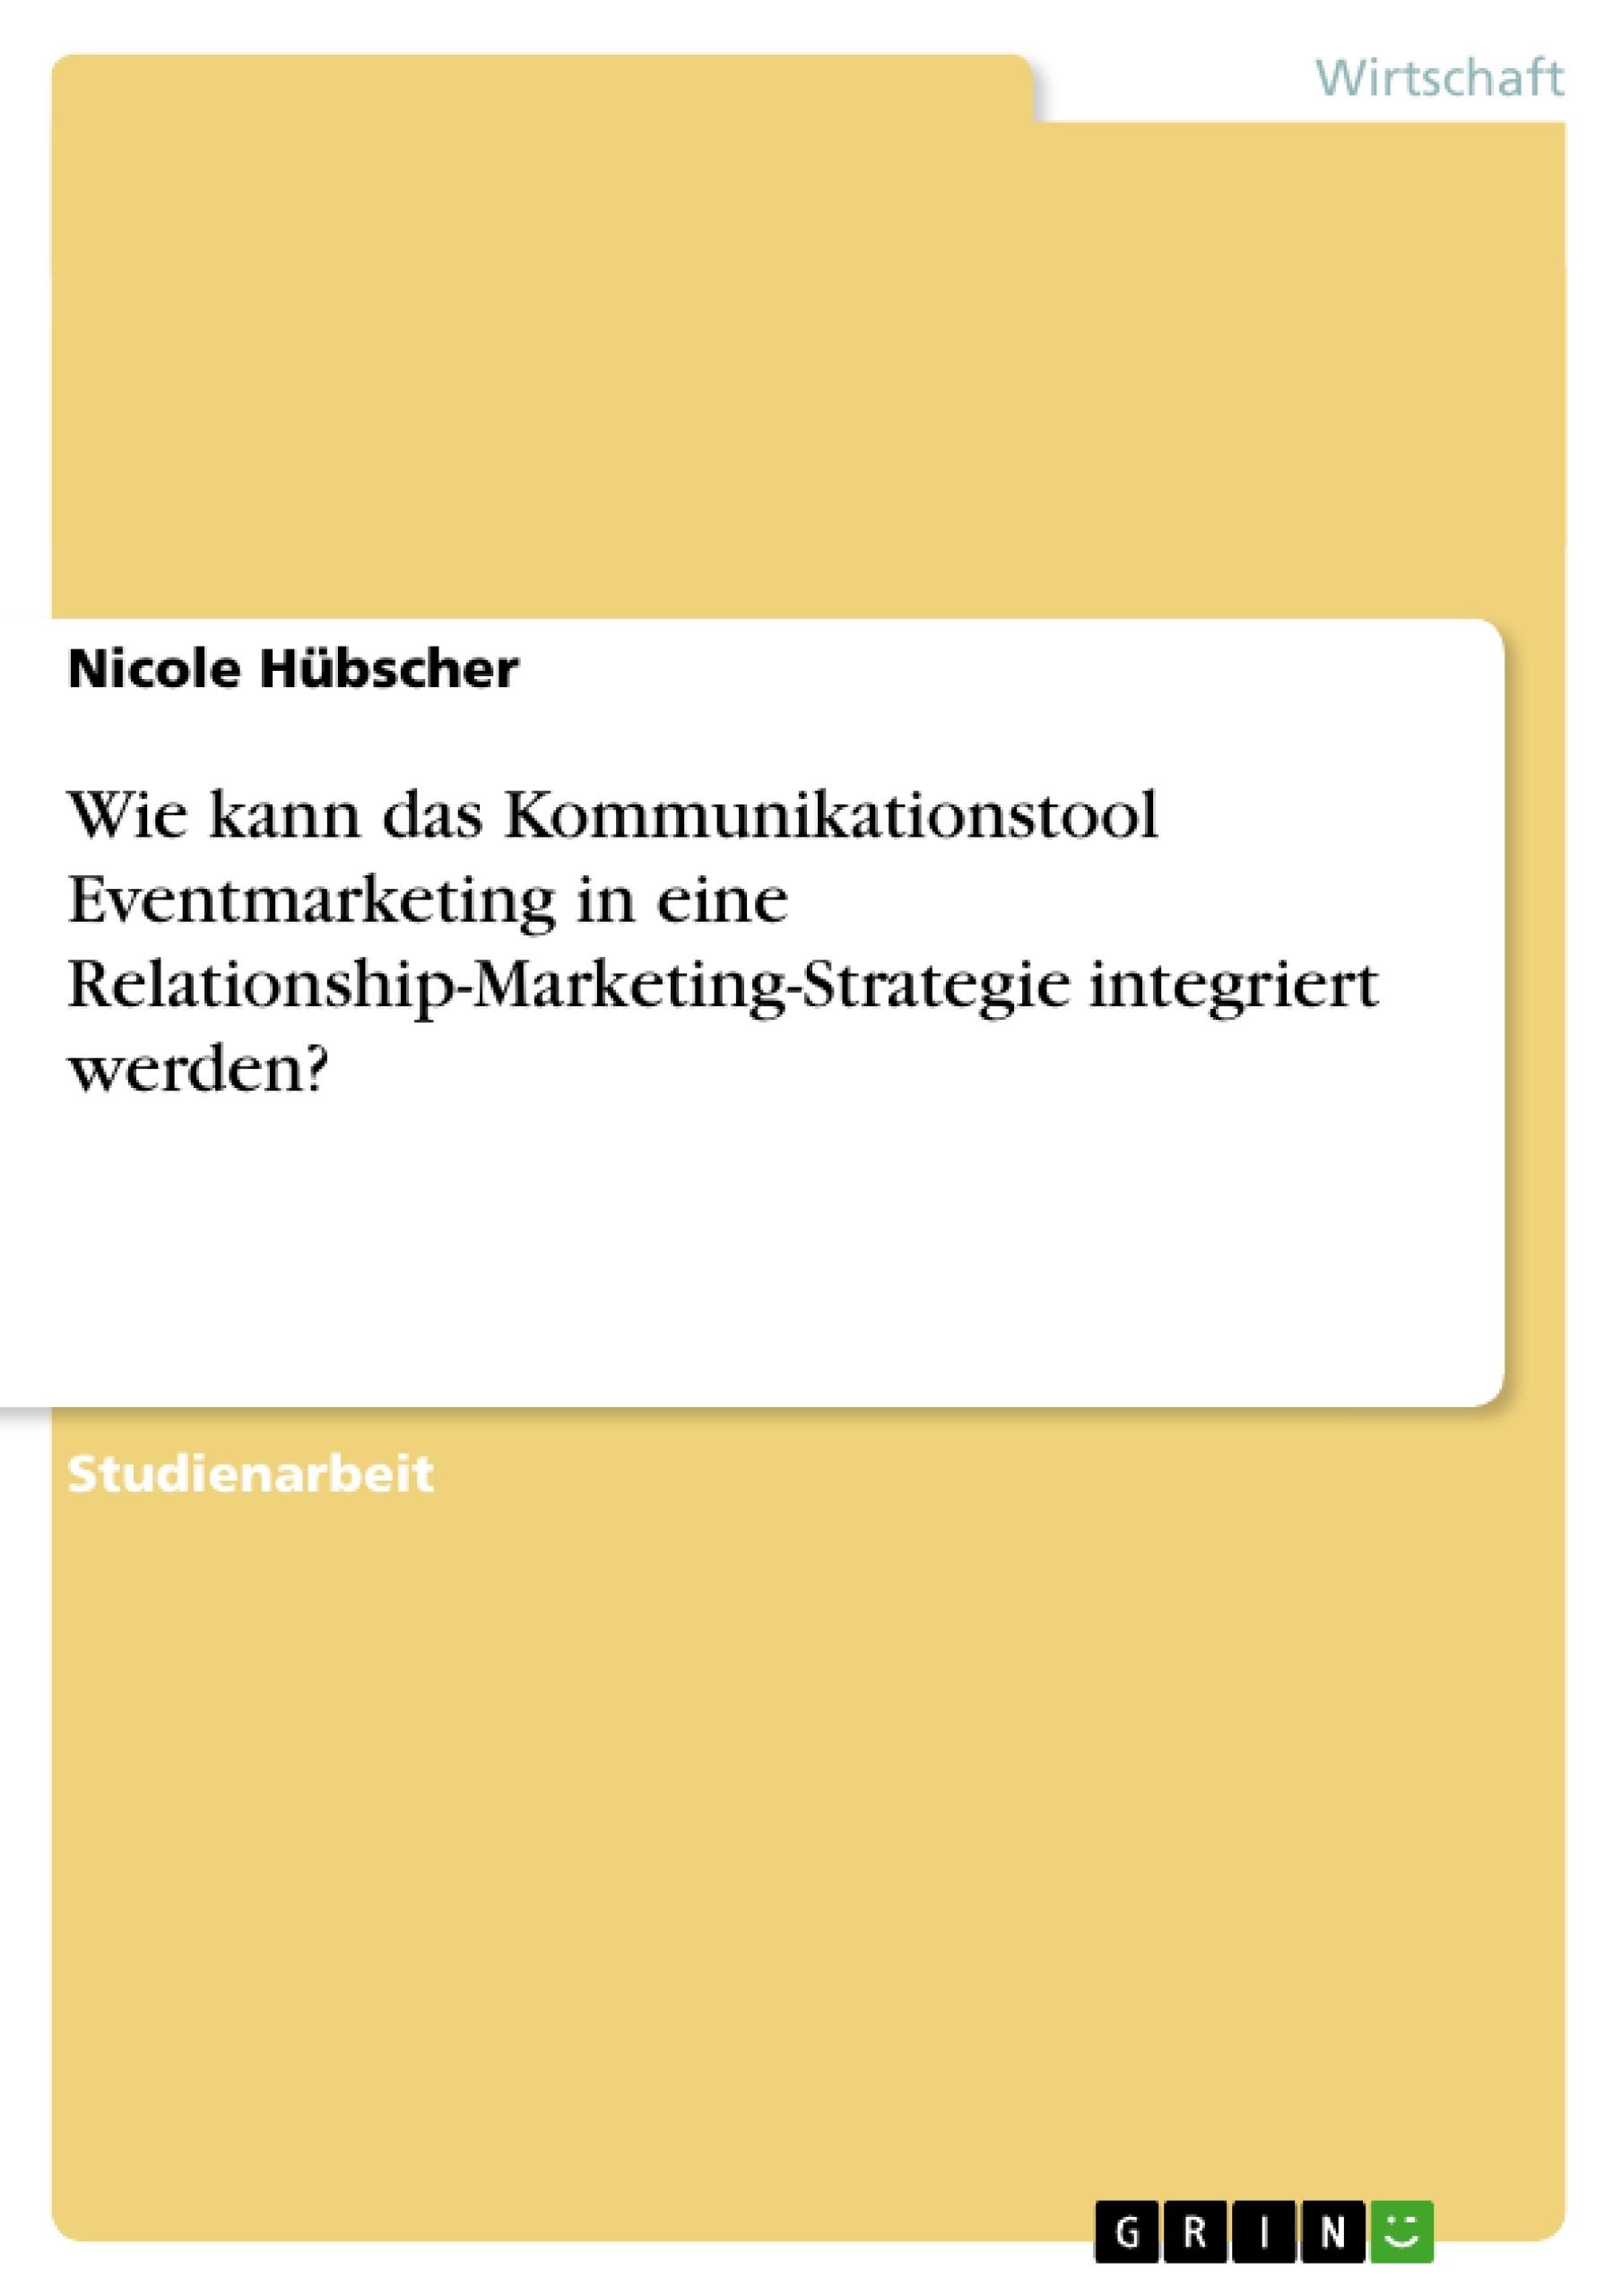 Titel: Wie kann das Kommunikationstool Eventmarketing in eine Relationship-Marketing-Strategie integriert werden?